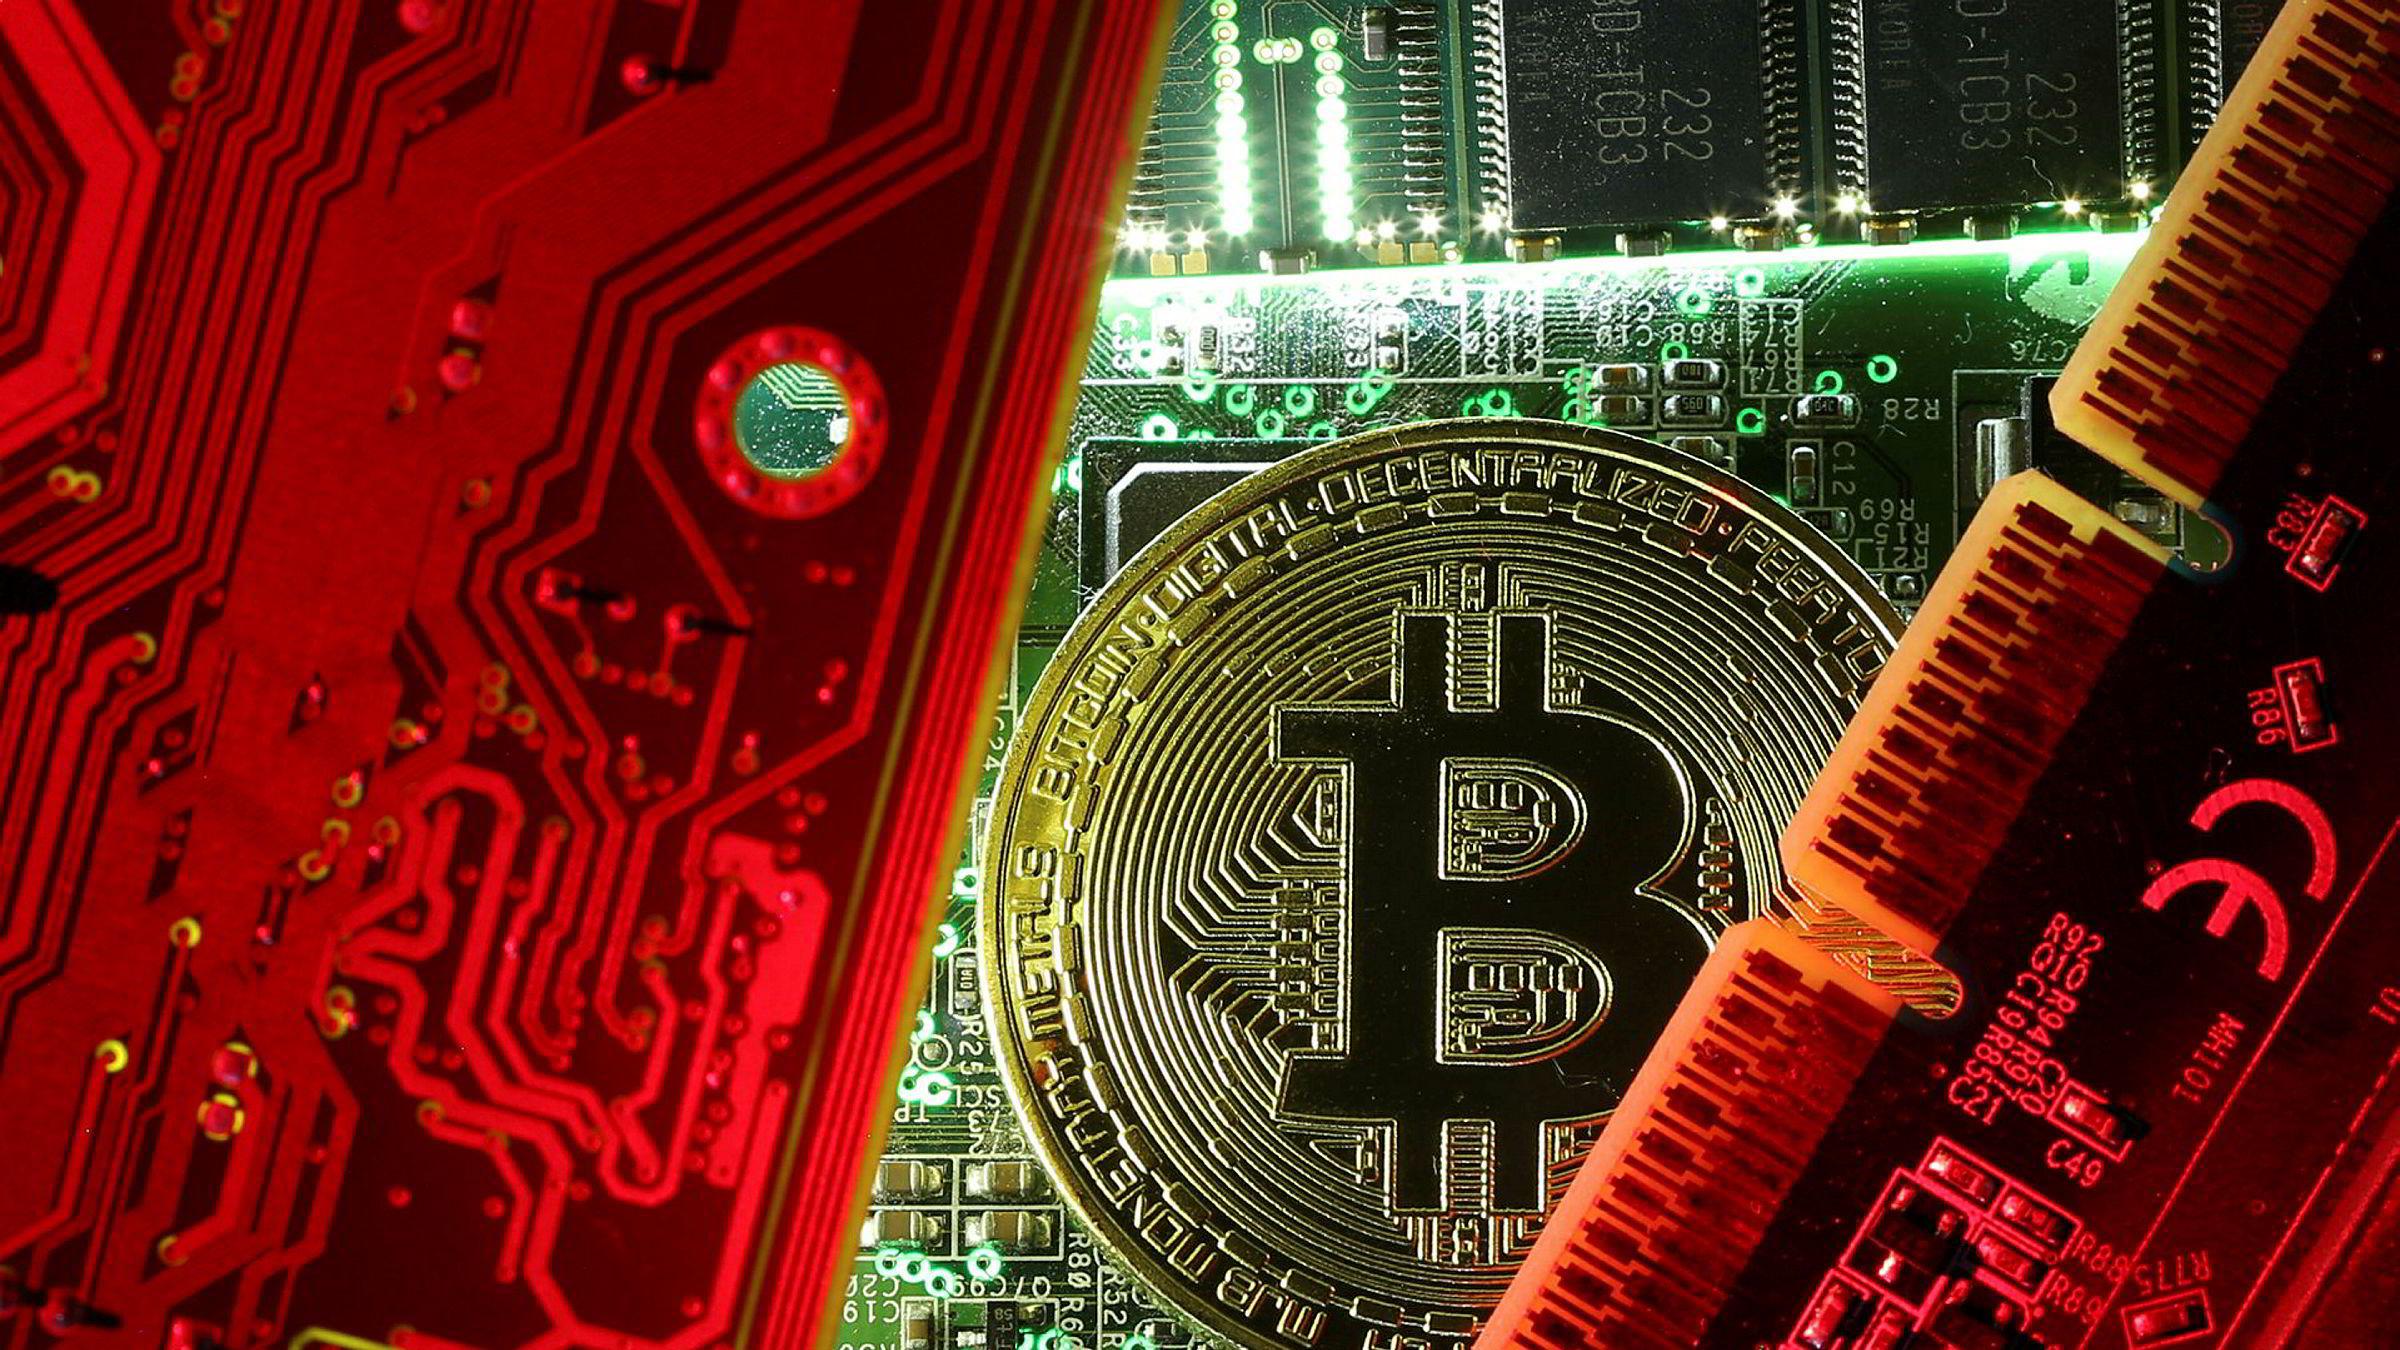 – Nå har vi «bitcoin core», «bitcoin cash» og «bitcoin gold». Jeg skjønner at dette kan bli veldig overveldende for folk som ikke har noe forhold til digitale valutaer, sier finansteknologiingeniør Jonathan Morley.